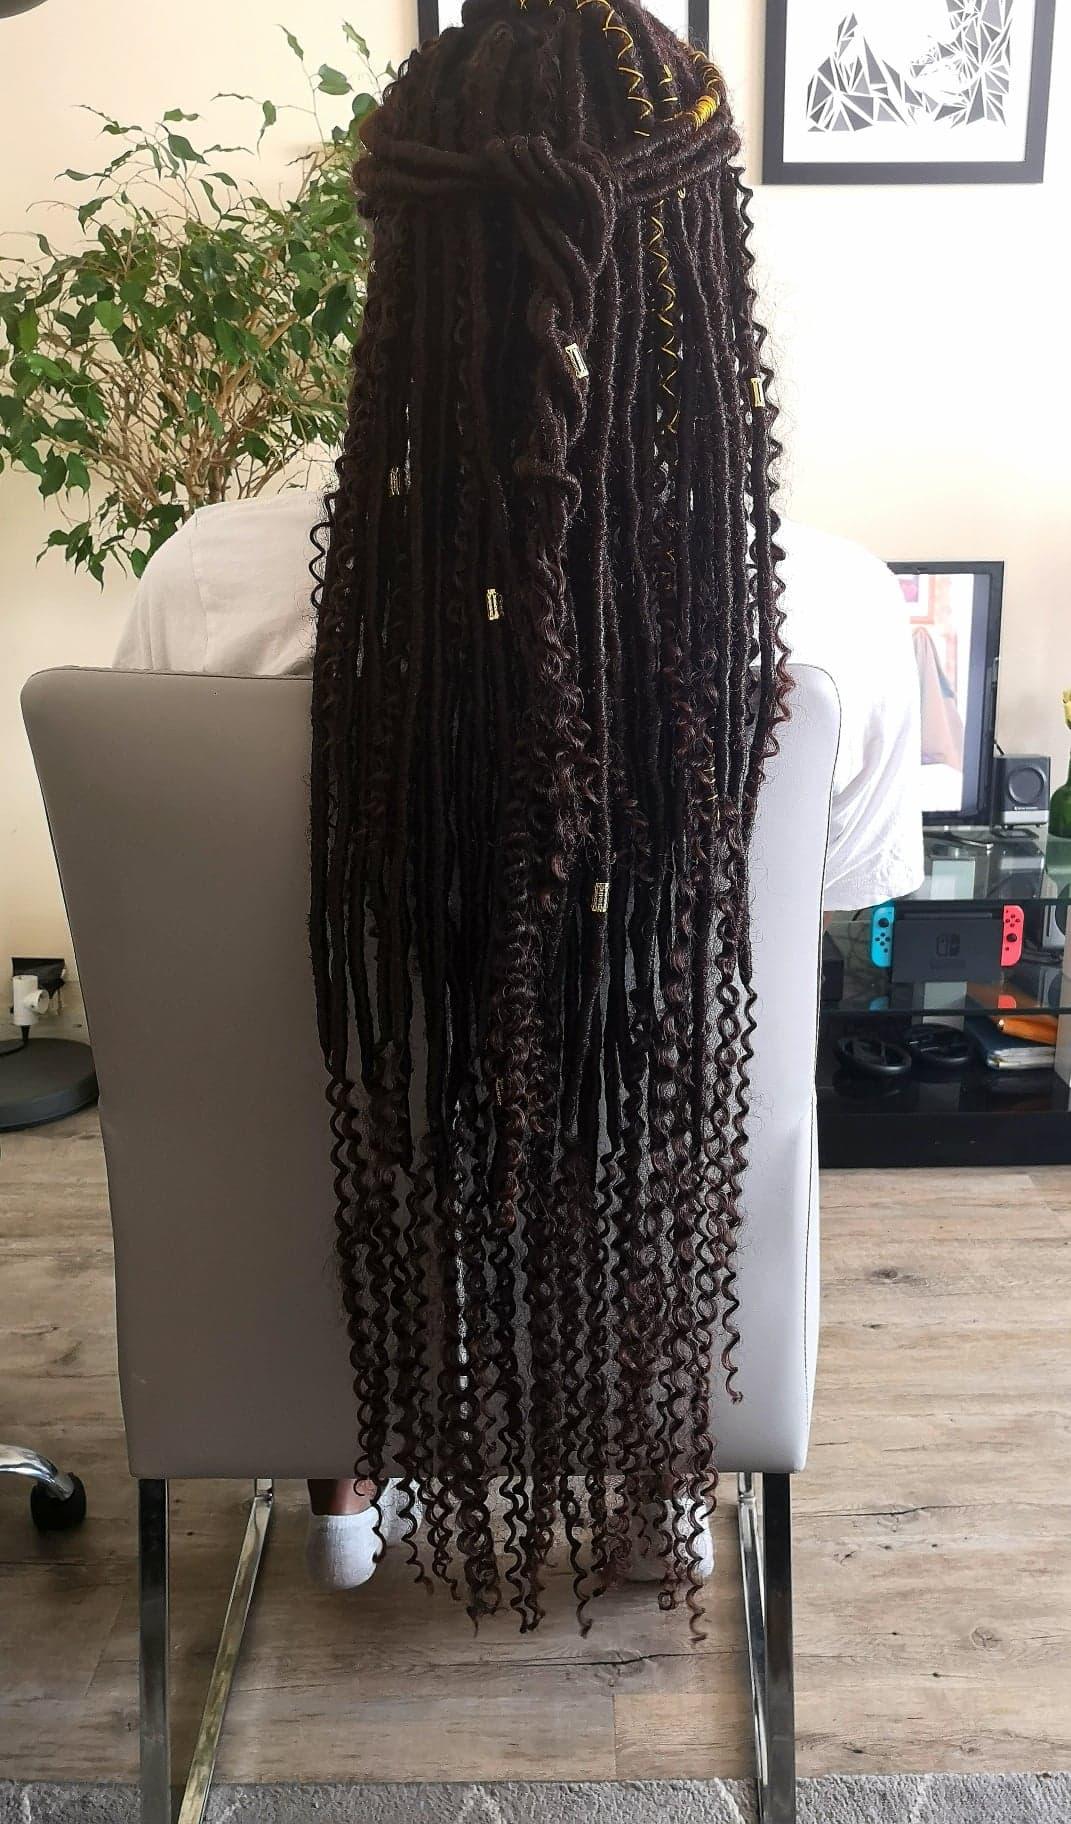 salon de coiffure afro tresse tresses box braids crochet braids vanilles tissages paris 75 77 78 91 92 93 94 95 IGMSTMLL